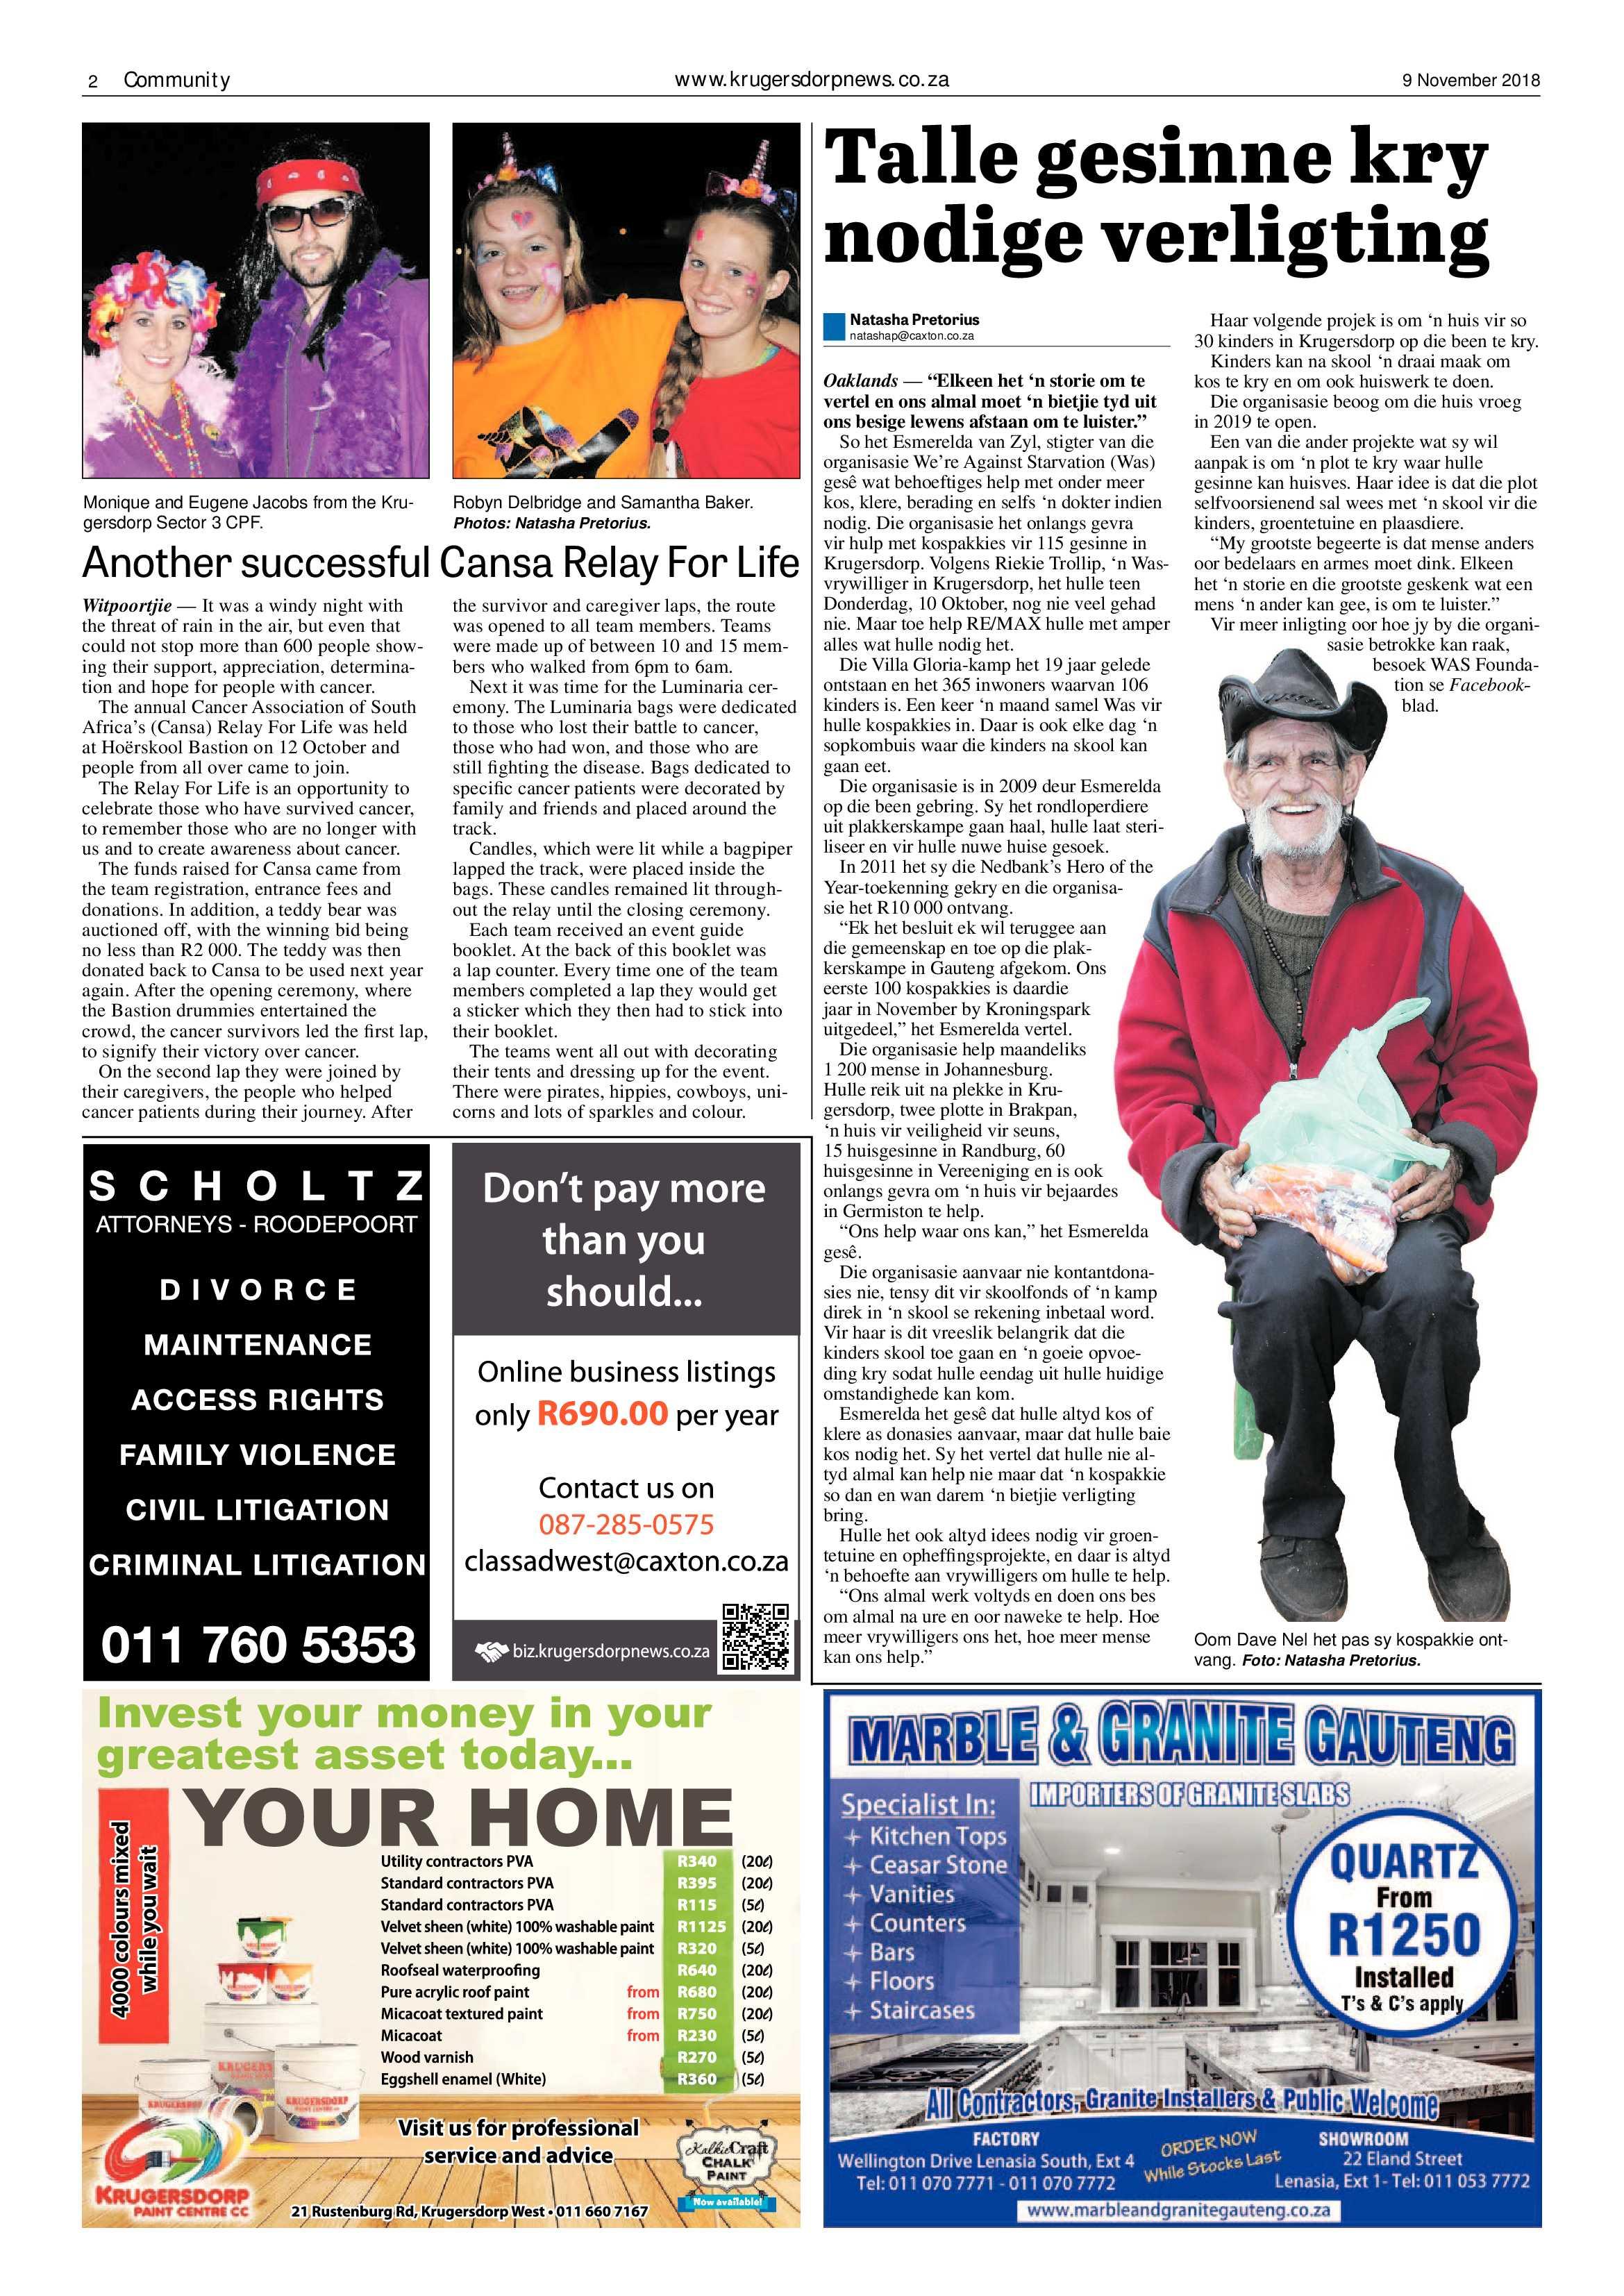 krugersdorp-news-9-november-2018-epapers-page-2